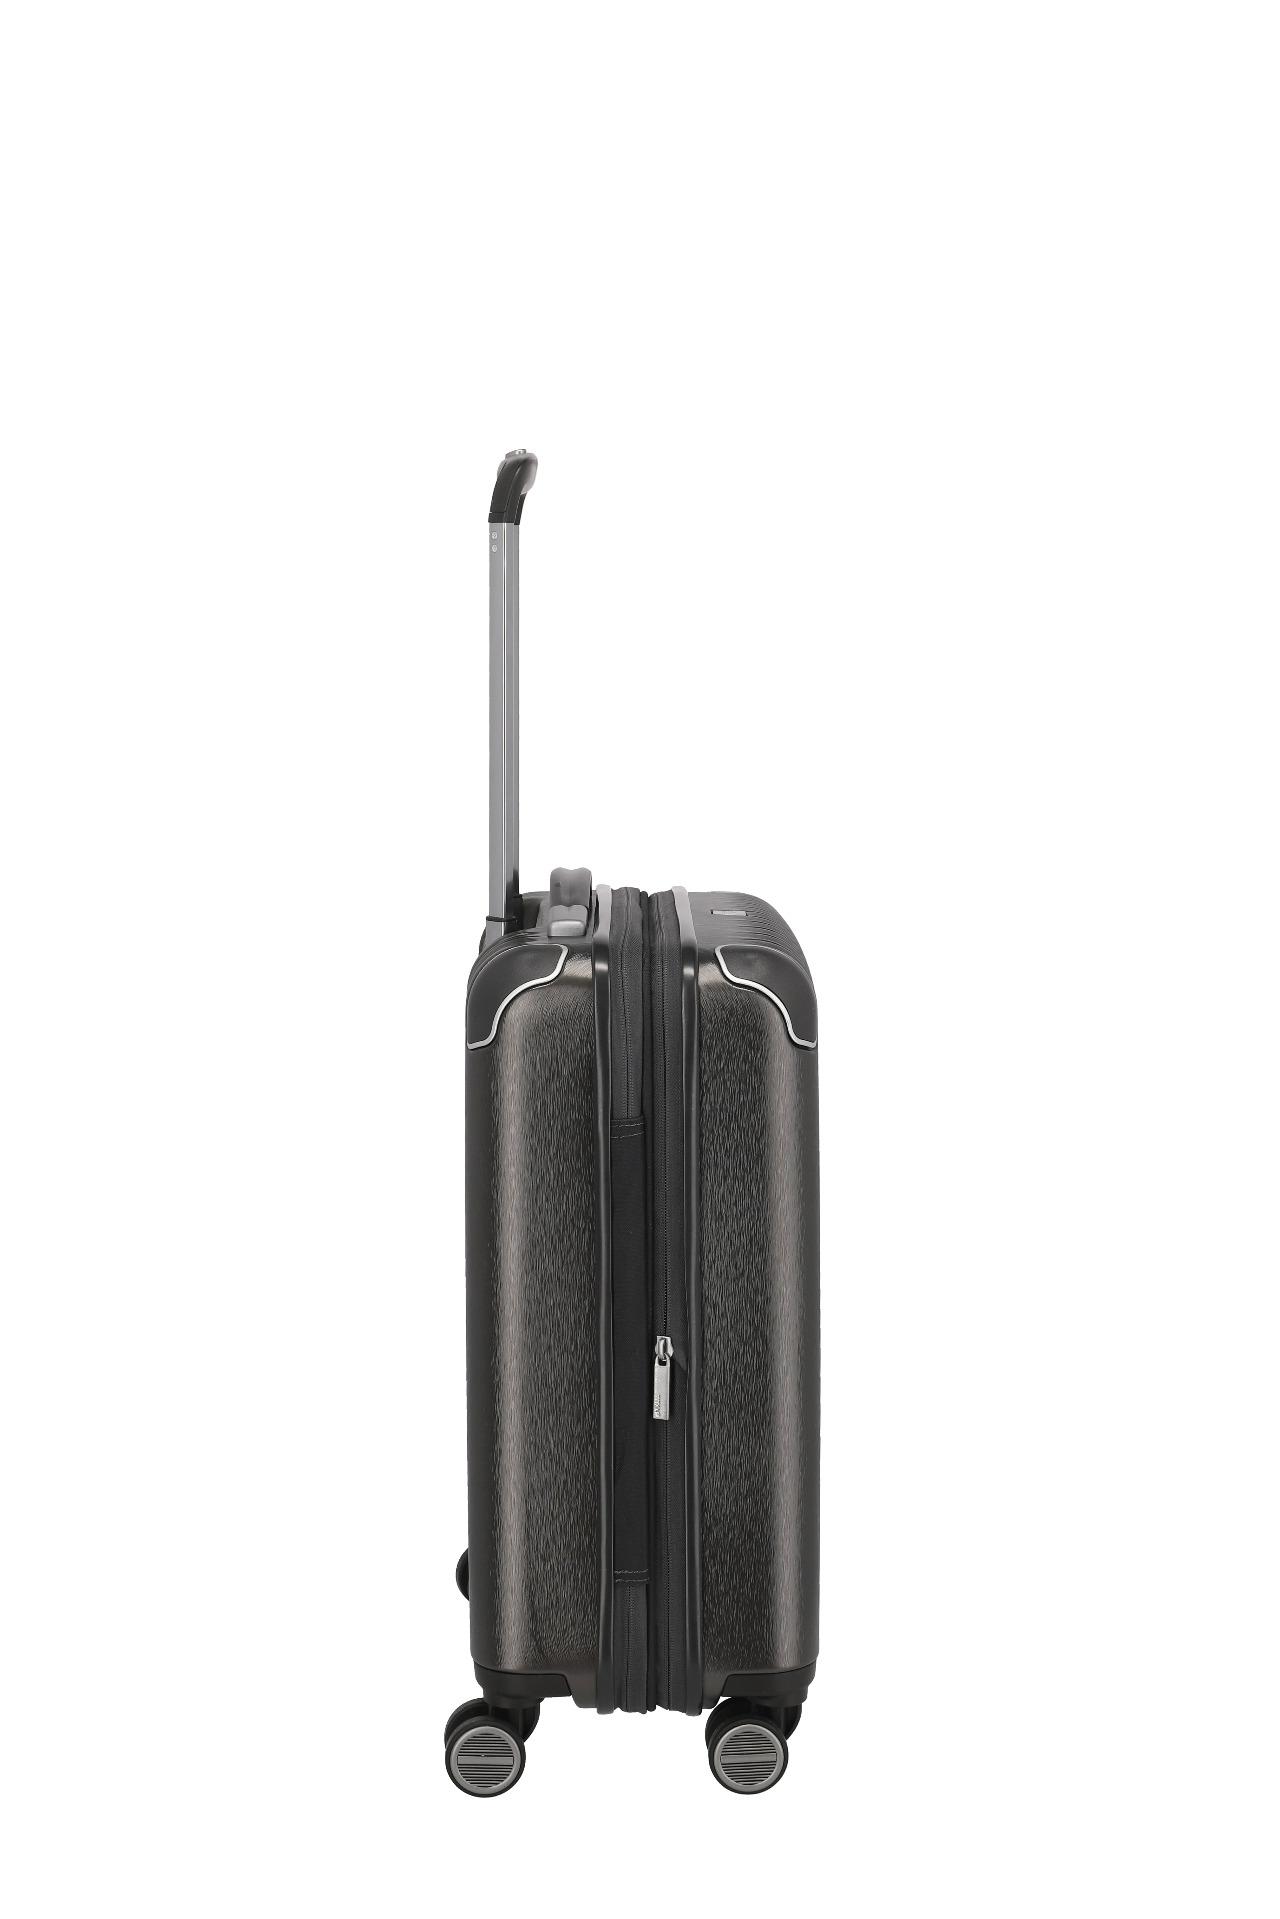 Titan Barbara Glint S Anthracite metallic.  štyri tiché dvojkolieska otočné o 360° výsuvná rukoväť z ľahkého kovu s aretačným tlačítkom na madle vnorený TSA zámok rohy chránené robustnými krytkami pevné horné a bočné madlo obojstranný systém balenia textilná deliaca priečka s dvomi vreckami na zips pevné fixačné popruhy s prackou v tvare ozdobnej stuhy jemná a kvalitná vnútorná podšívka nárazuvzdorný materiál farebne zladené zipsy a štýlové logo integrovaný expandér pre navýšenie kapacity